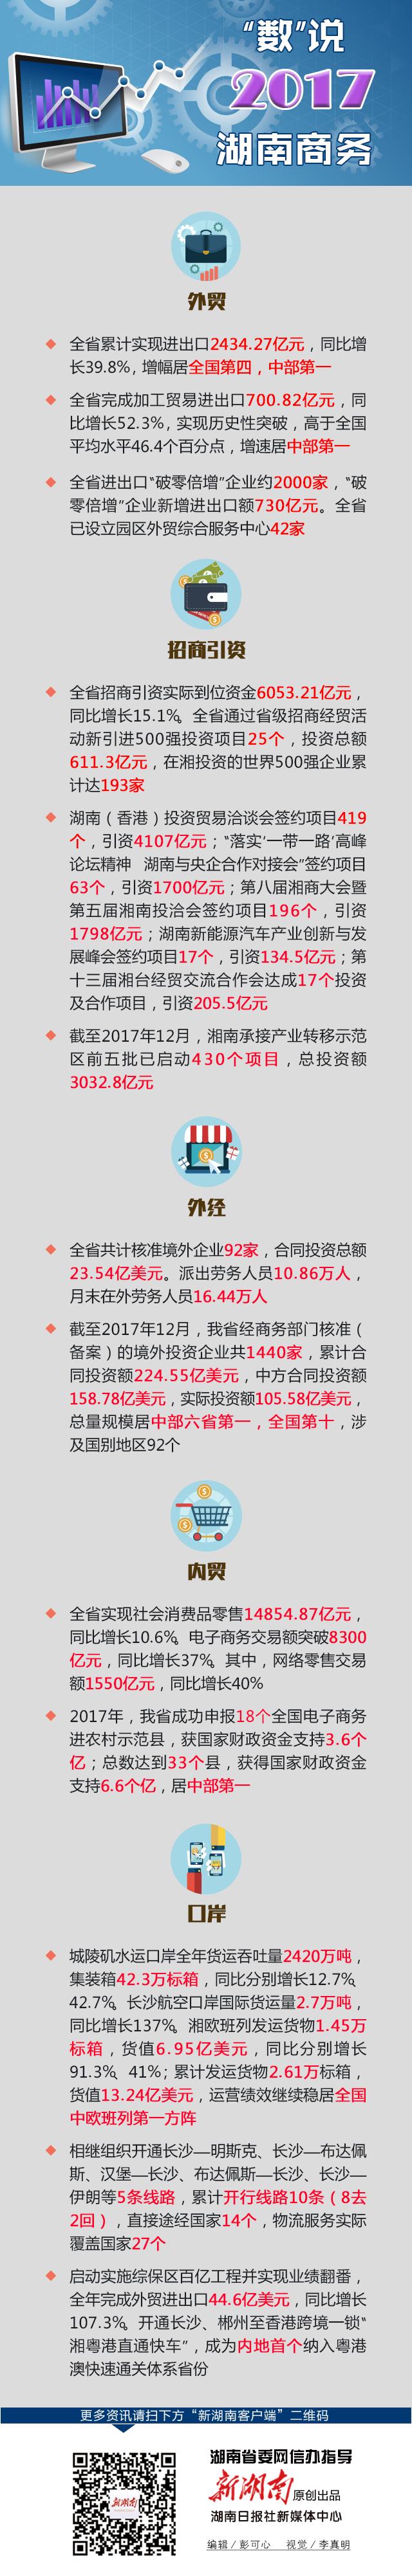 """何报翔:湖南要对接""""一带一路"""",大胆""""走出去"""" 新湖南www.hunanabc.com"""